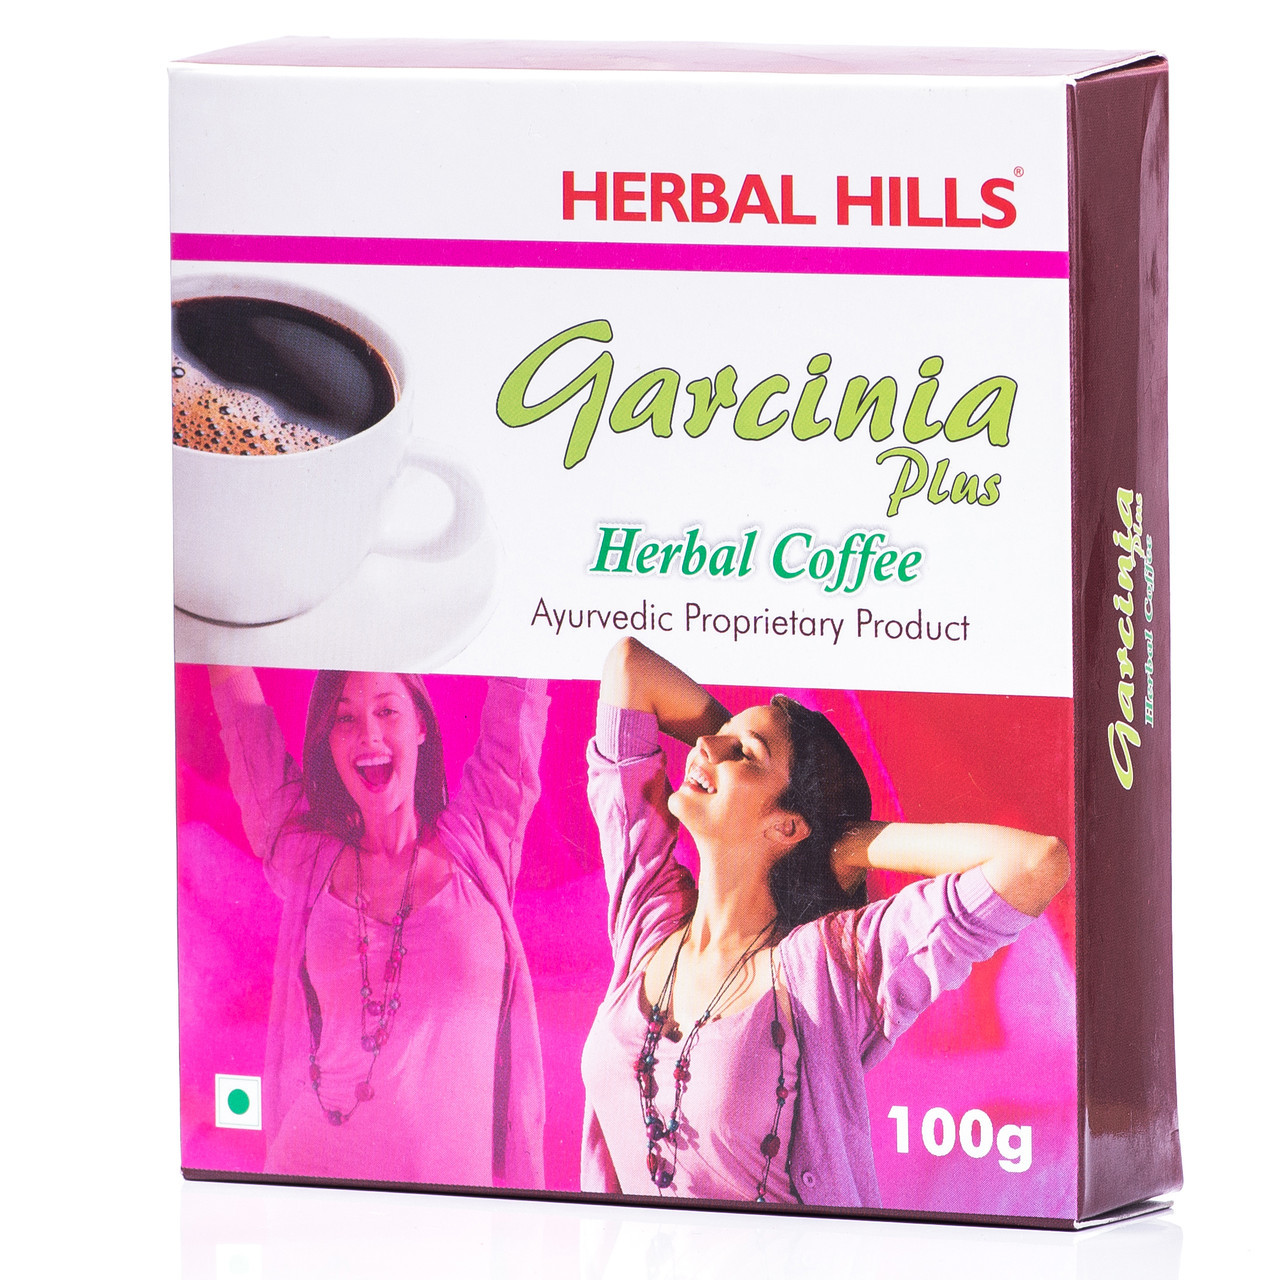 GARCINIA PLUS Herbal Coffe